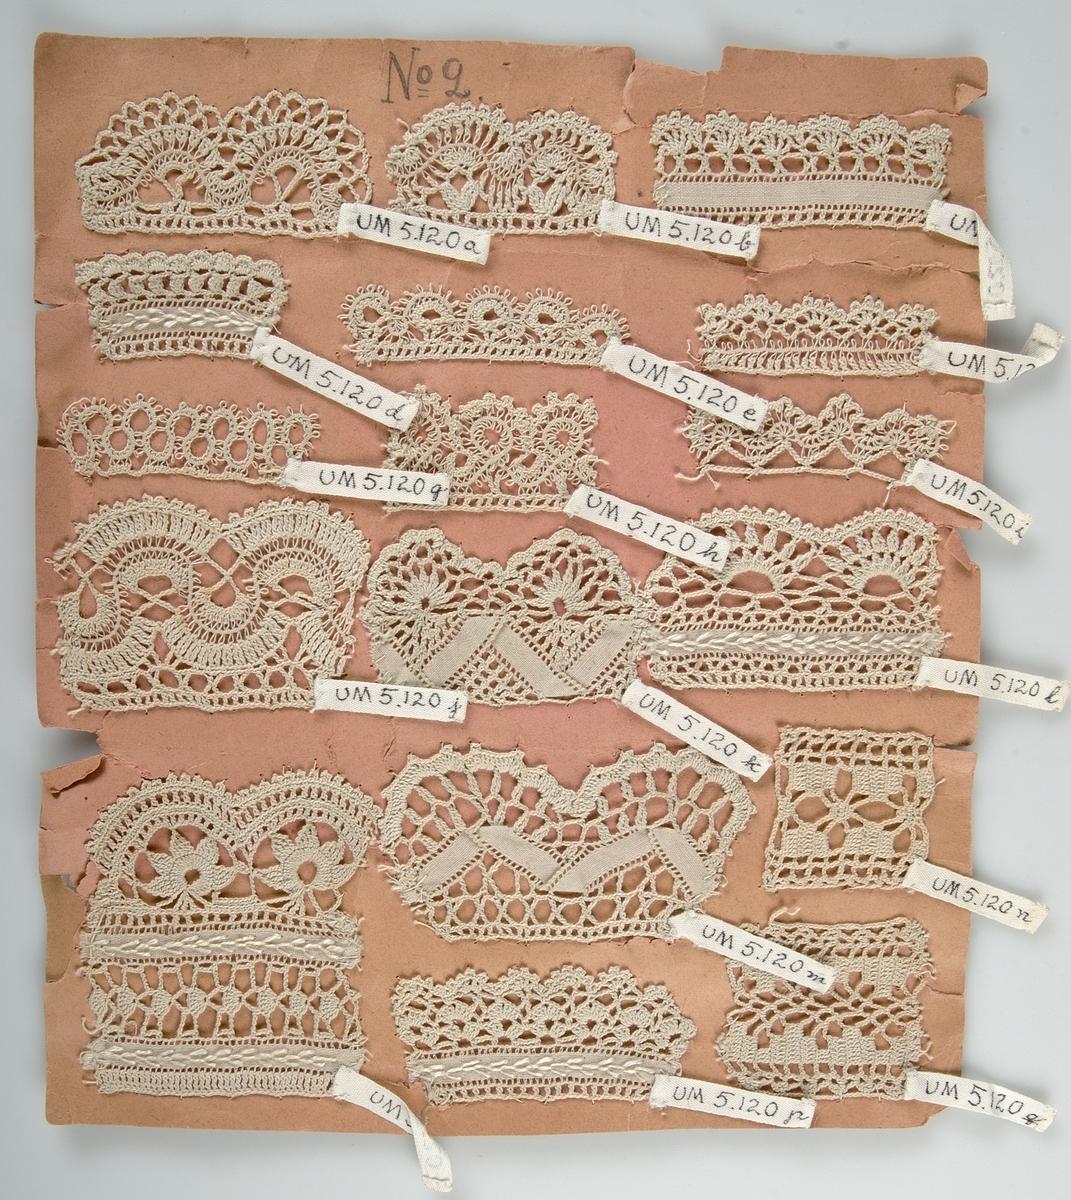 17 virkade spetsprover av beige bomull fästade vid 21 x 26 cm stort brunt papper märkt No 2. Några av spetsproven har även broderade stygn.